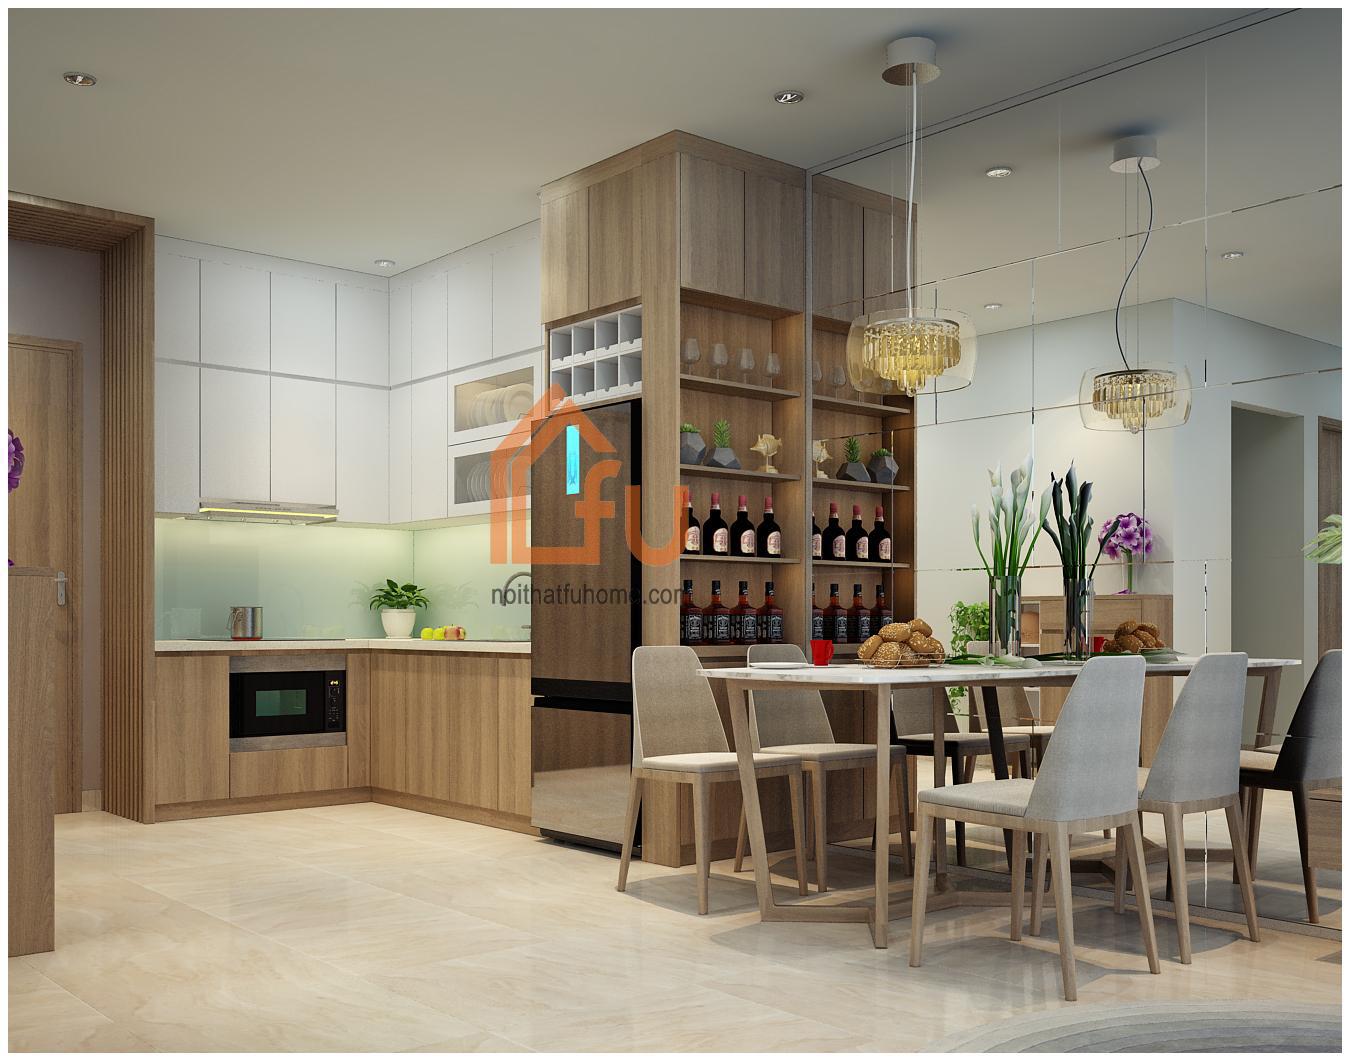 Phong thủy nội thất trong thiết kế nội thất có vai trò rất quan trọng khi thiết kế thi công căn hộ nhà ở